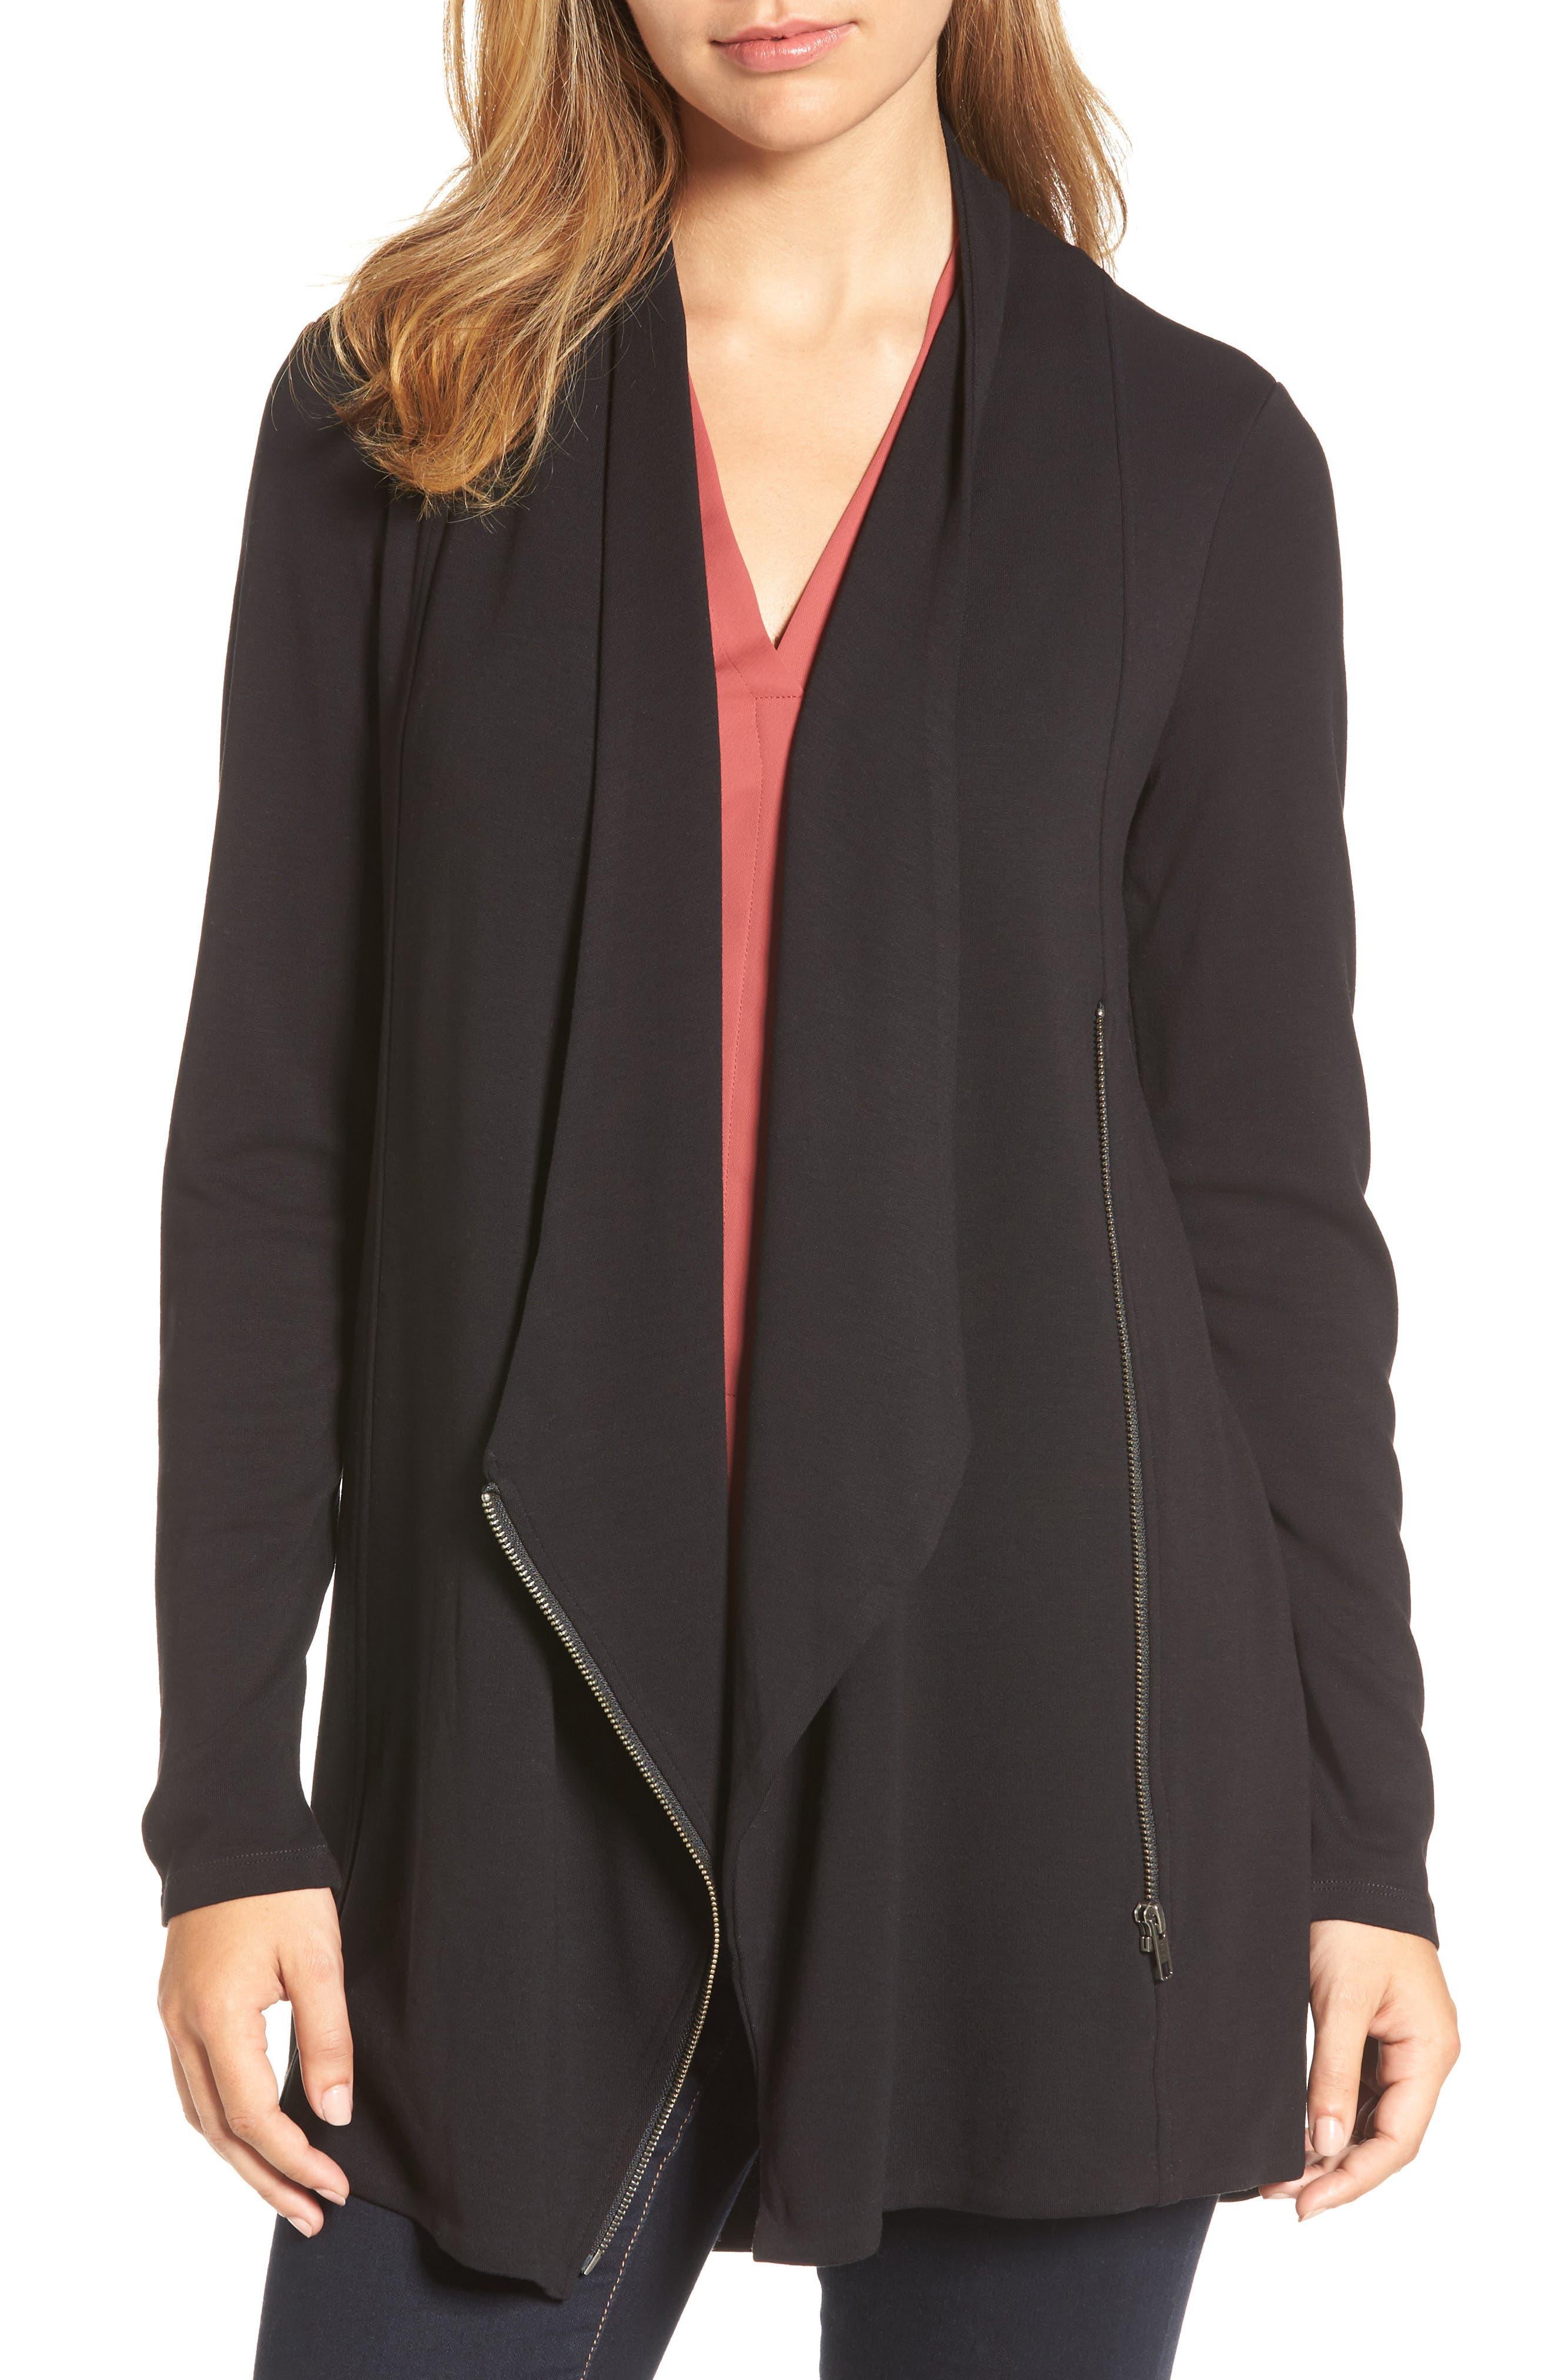 Main Image - NIC+ZOE Studio Asymmetrical Zip Jacket